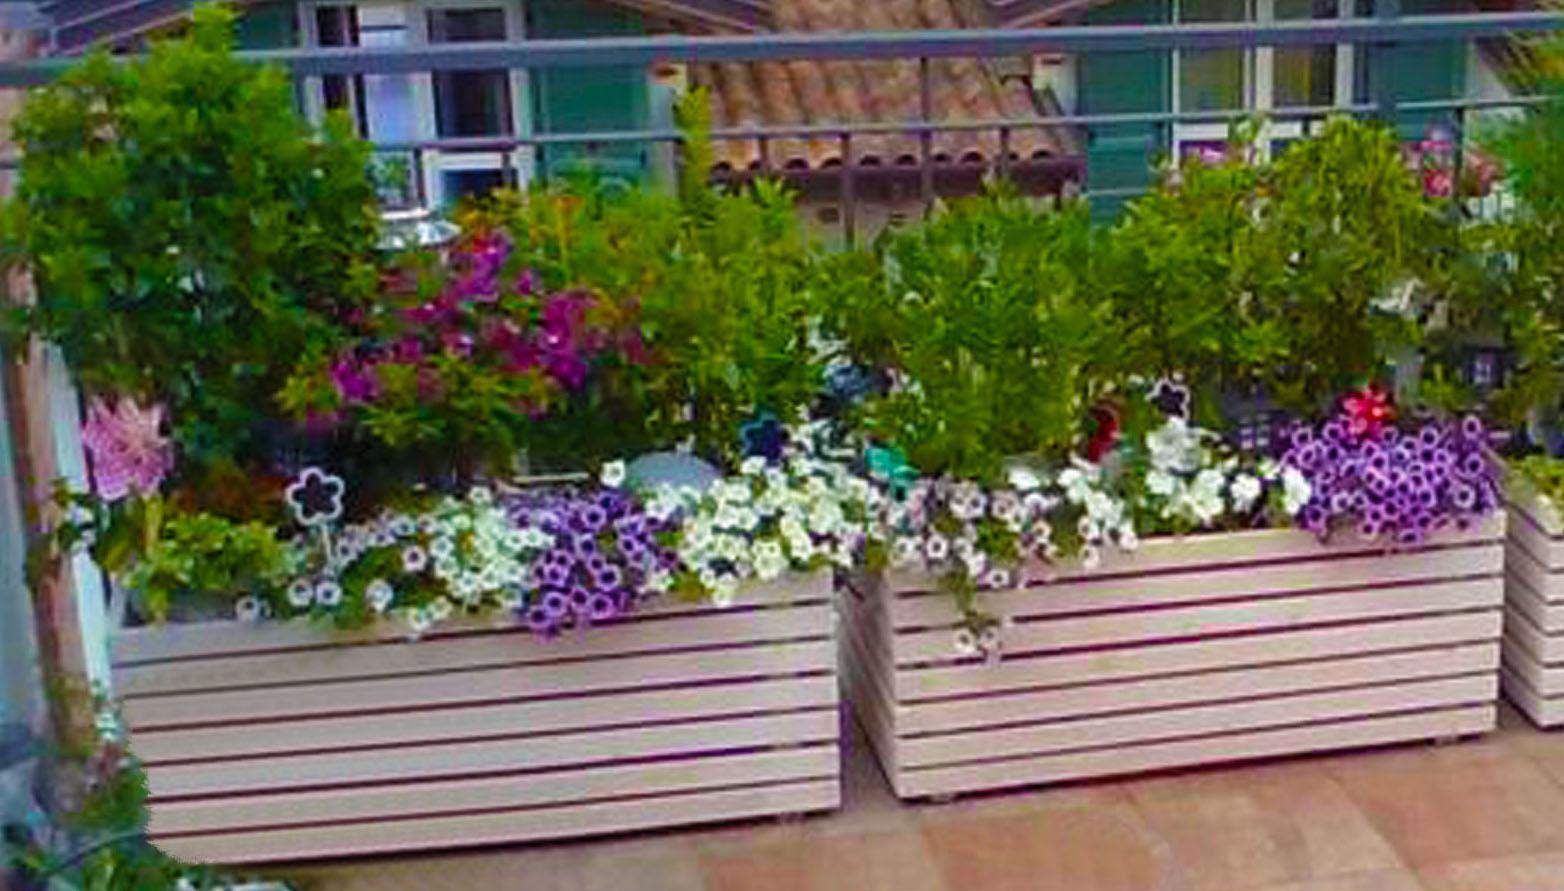 Giardino sul balcone con fioriere da giardino in legno for Fioriere in legno obi